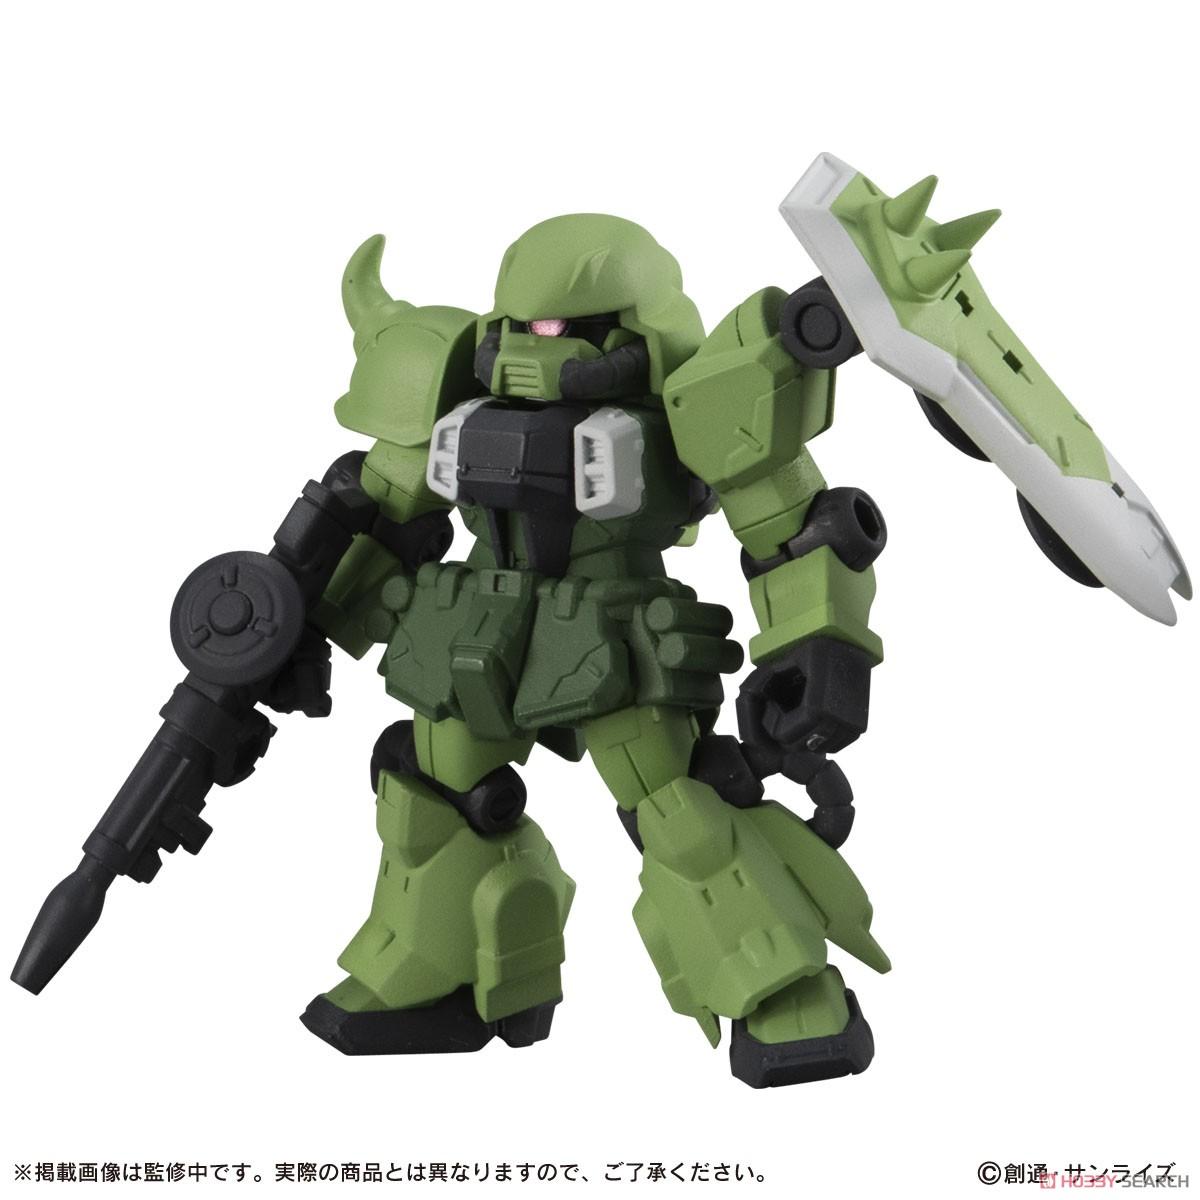 機動戦士ガンダム『MOBILE SUIT ENSEMBLE18』デフォルメ可動フィギュア 10個入りBOX-003